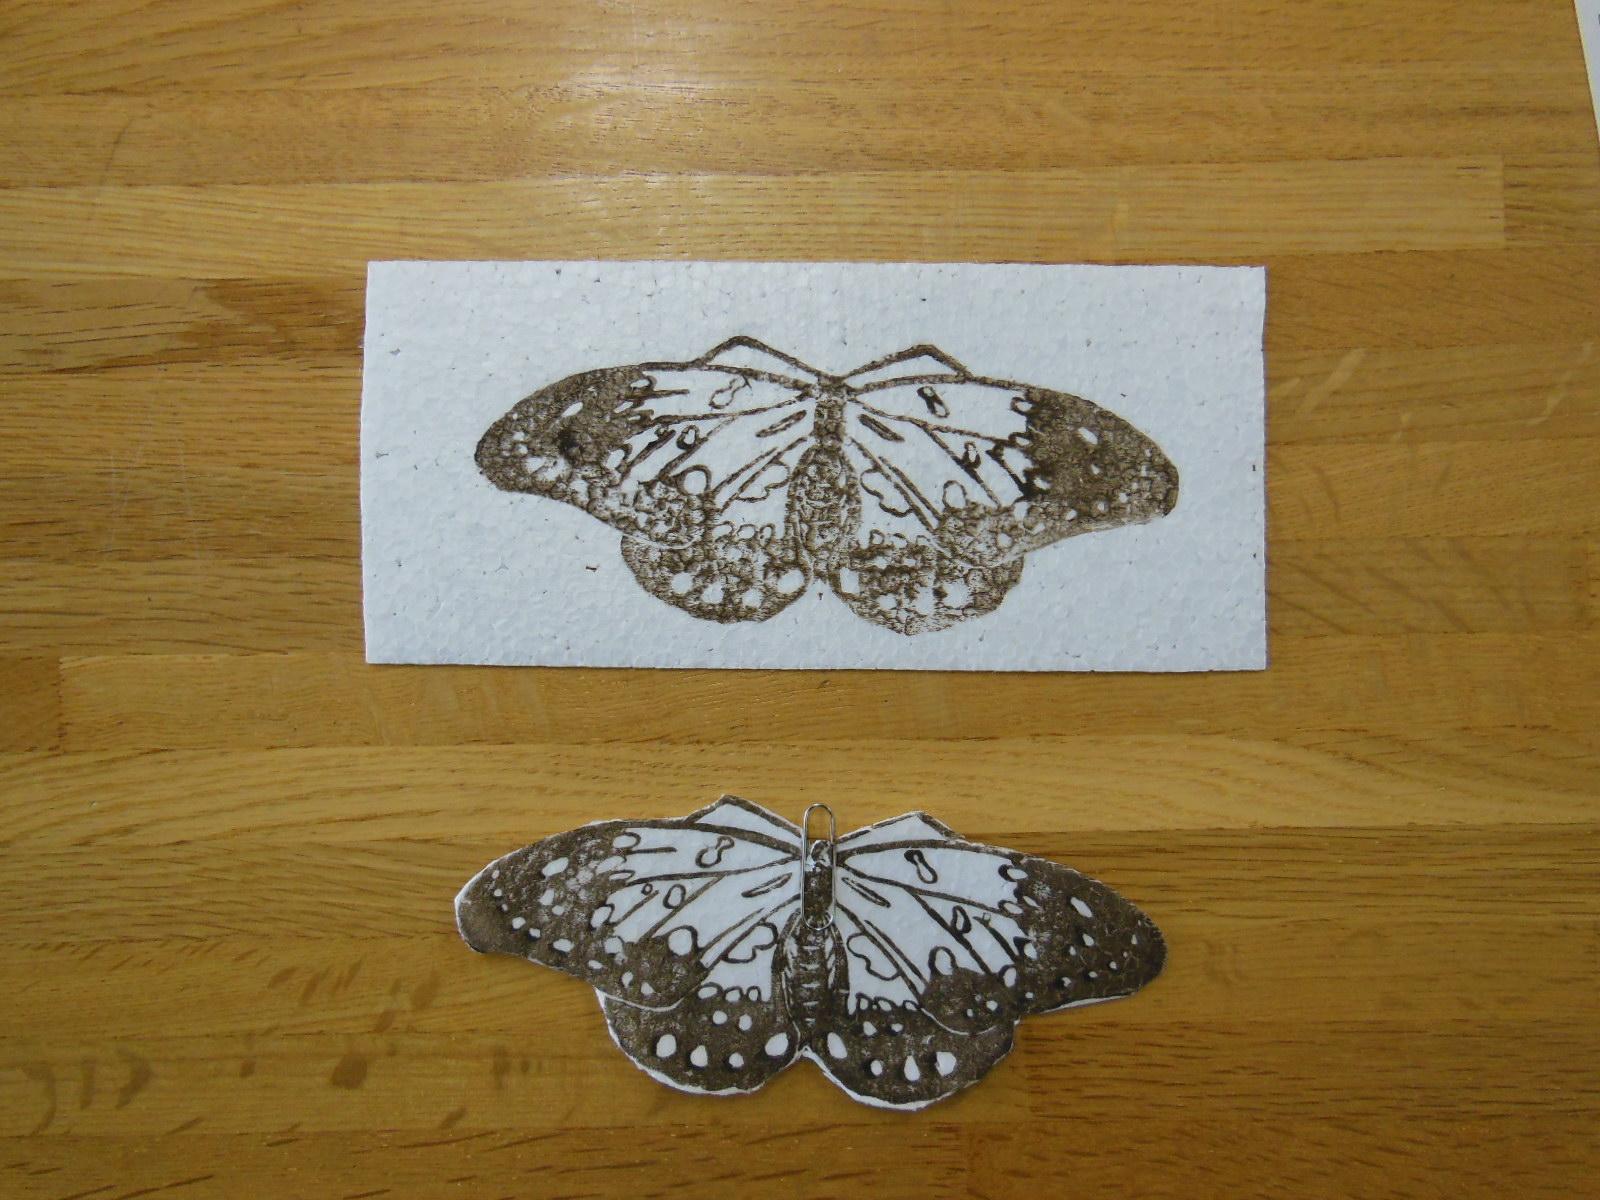 オオムラサキを作って飛ばそう!ワークショップ「チョウとばし」「チョウとばし大会!」